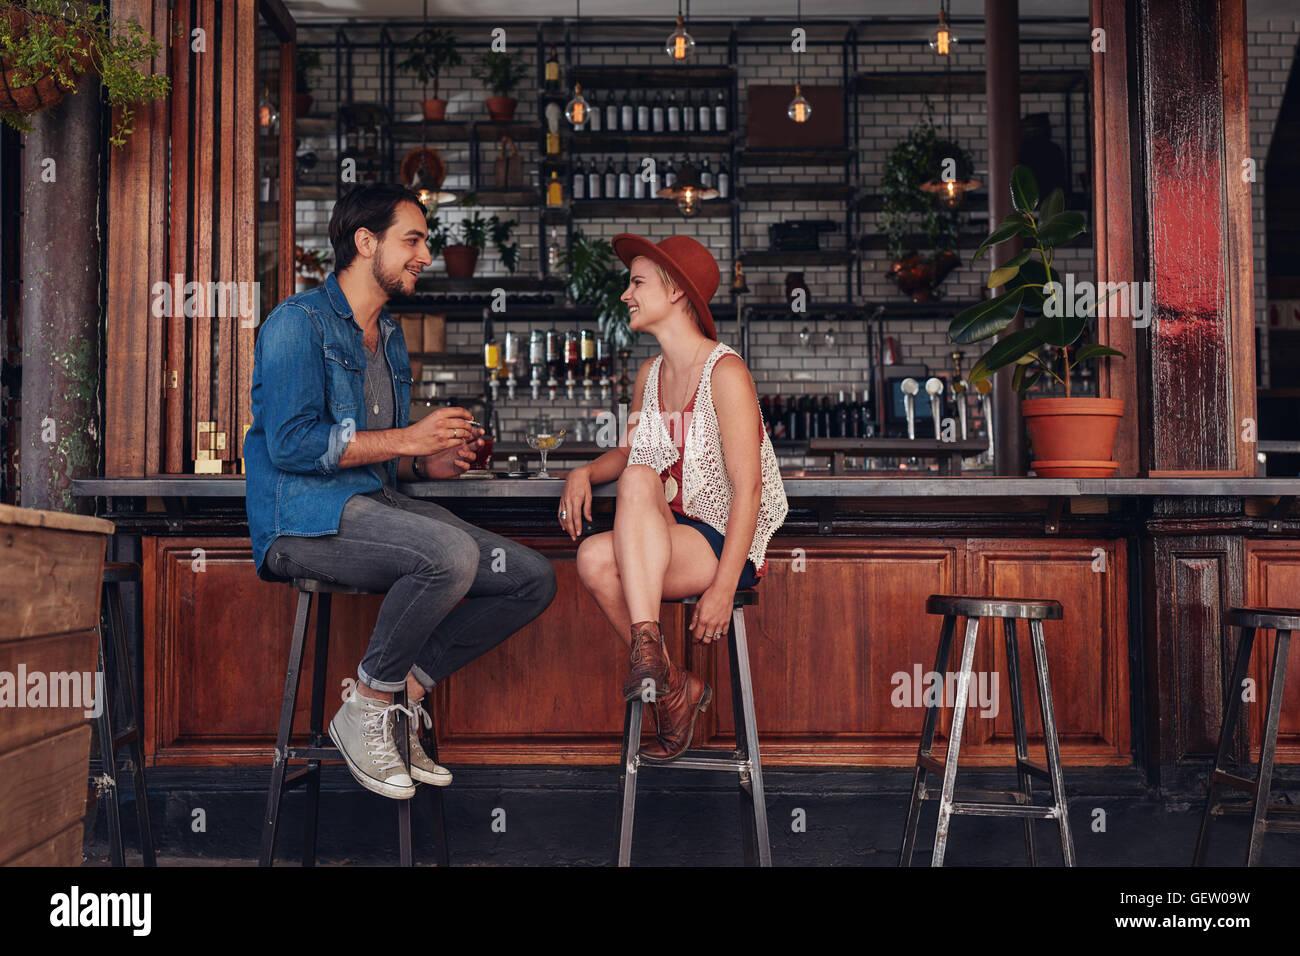 Colpo di coppia giovane seduto presso il cafe contatore. Giovane uomo e donna presso la caffetteria. Immagini Stock